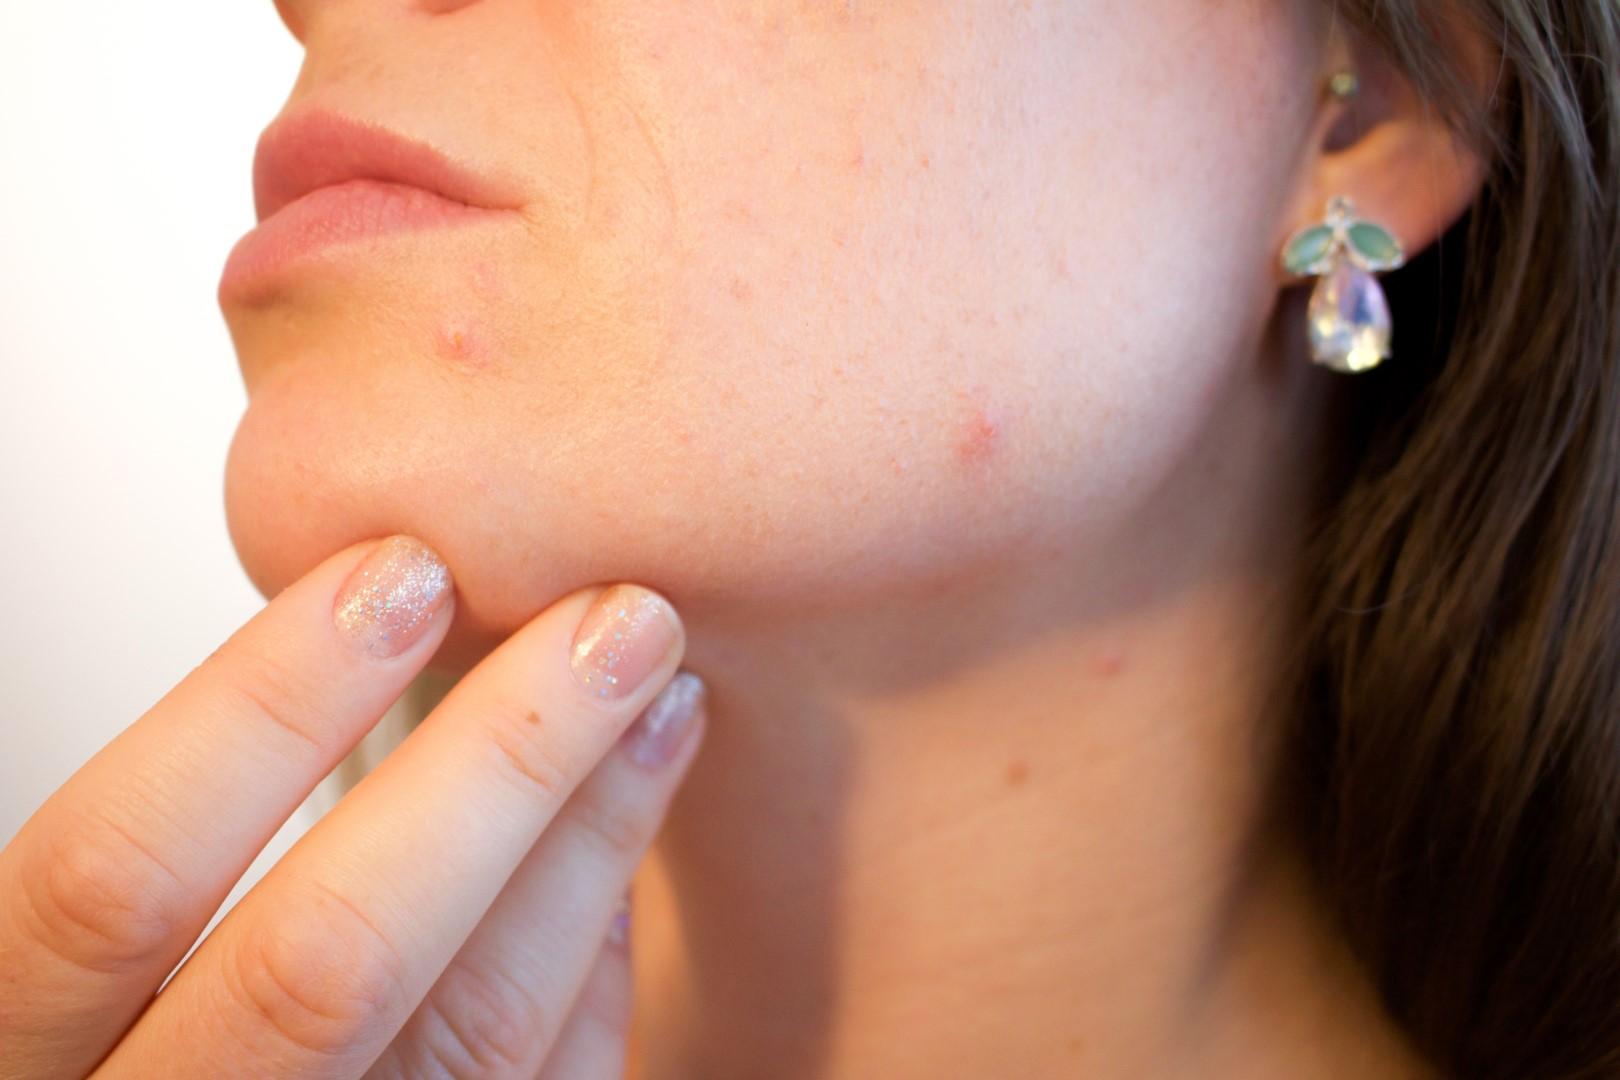 Uw huisarts vraagt advies aan de dermatoloog